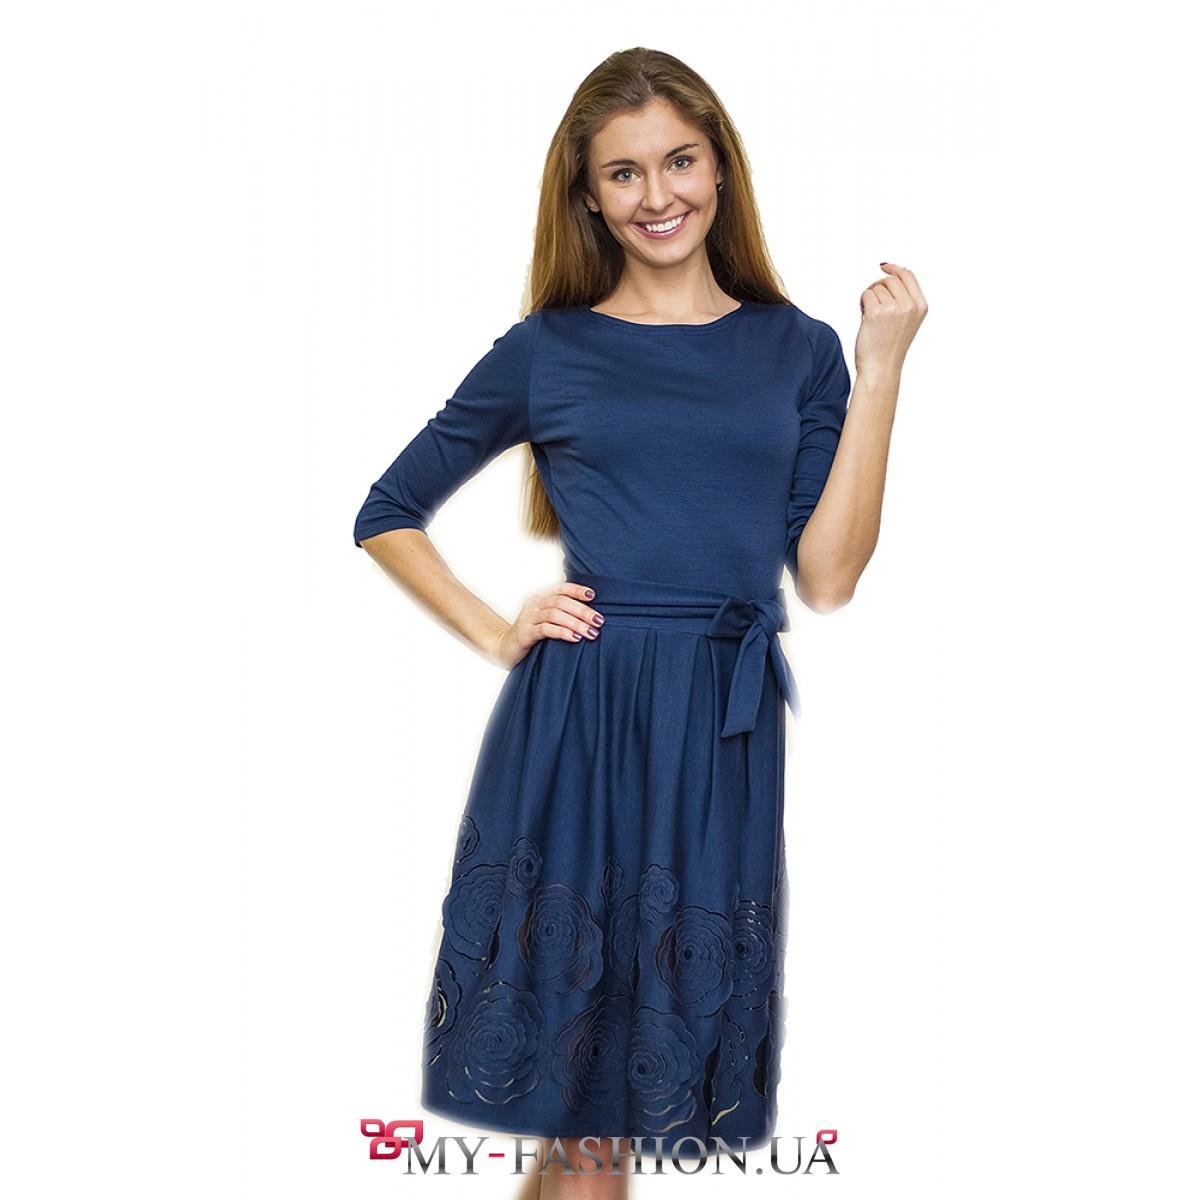 Платье с широкой юбкой доставка